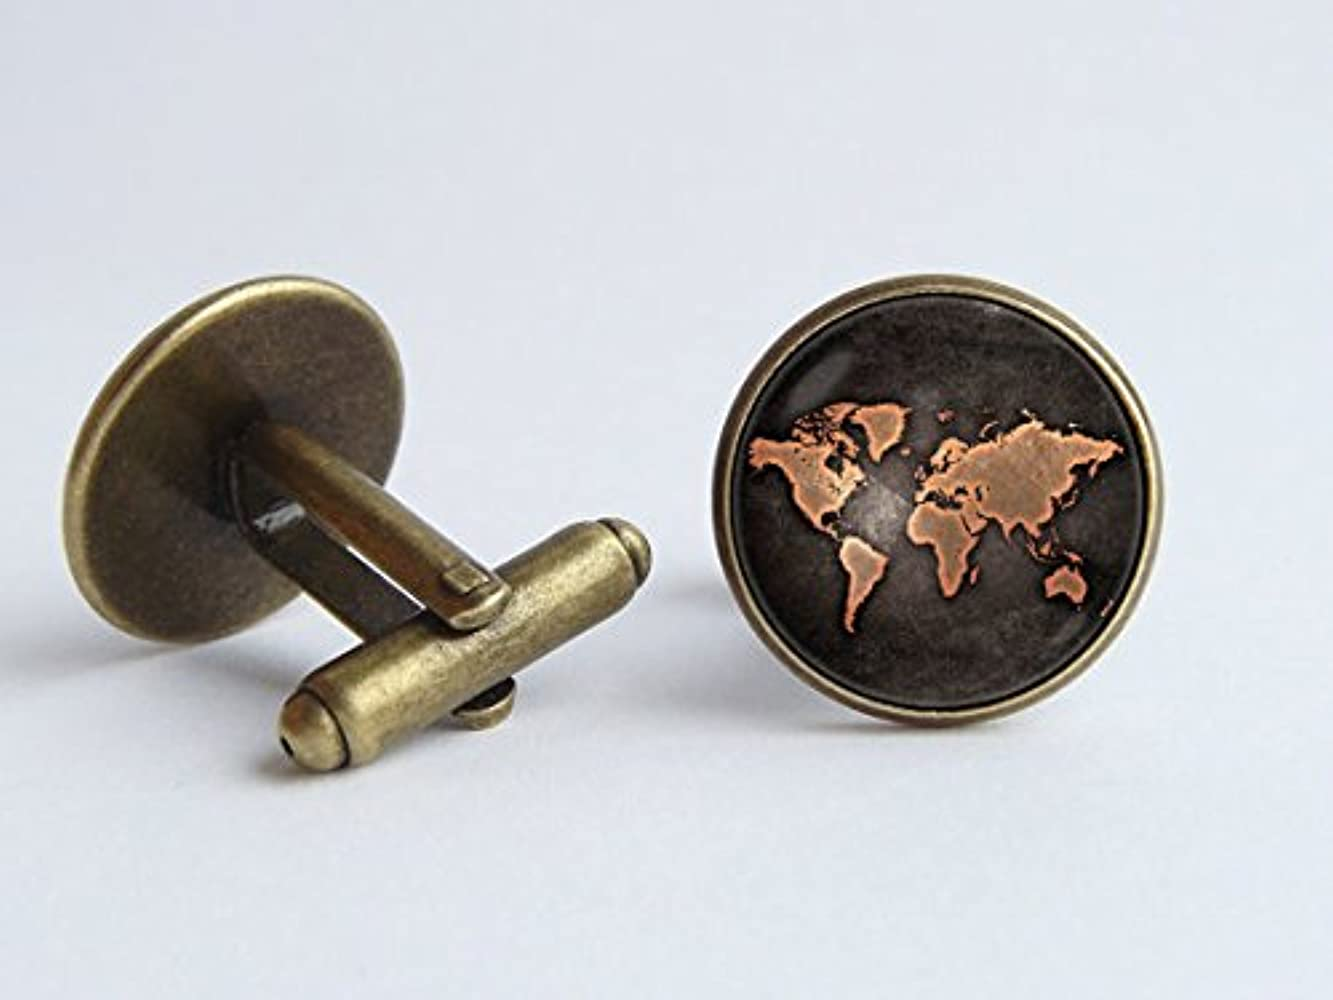 Quiges Mini Moneda Intercambiable Mujer Acero Inoxidable con Concha y Escamas